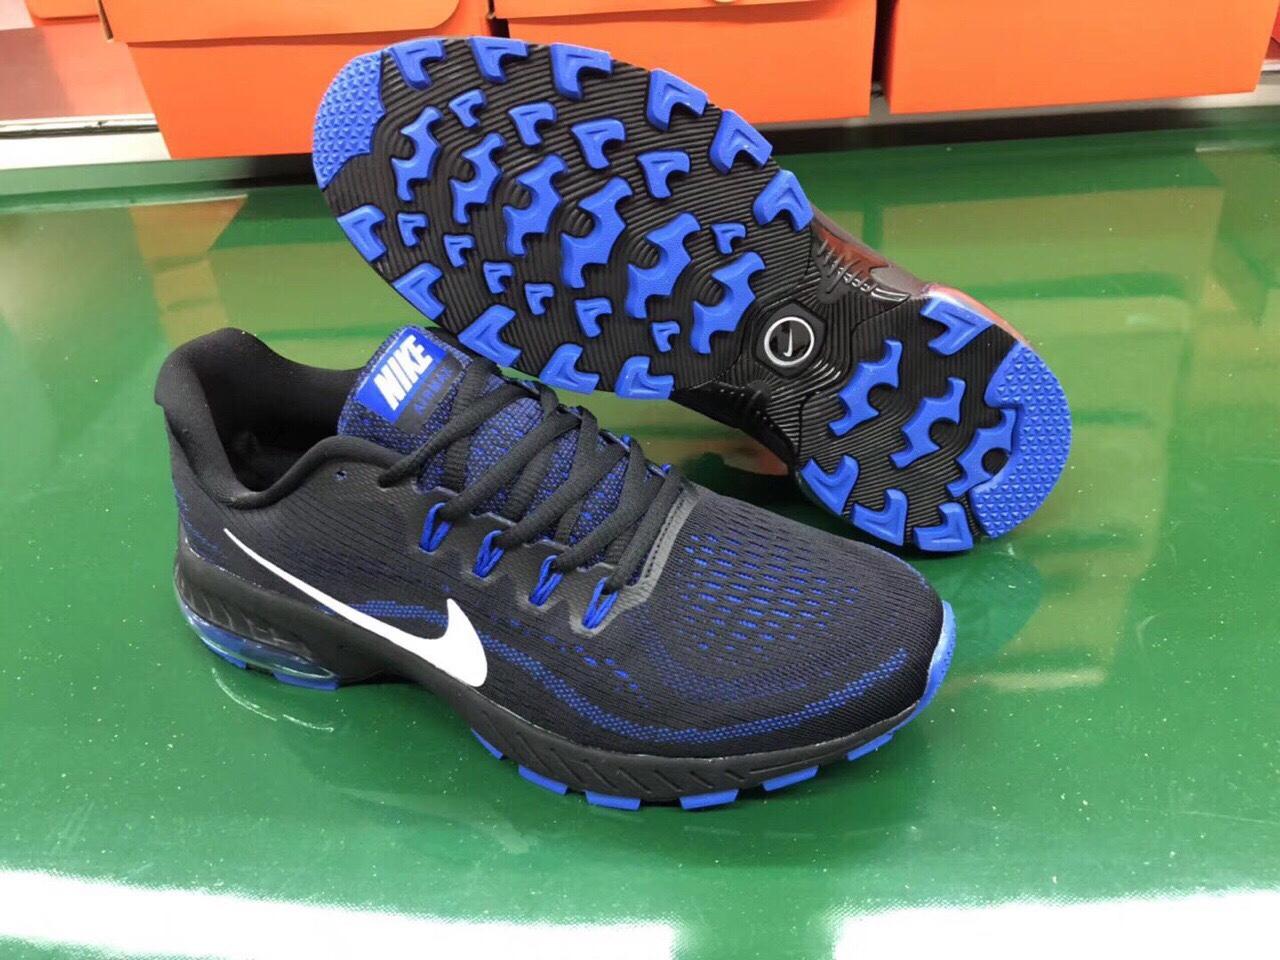 Giày Nike Air Max SF Đen Blue Size 43